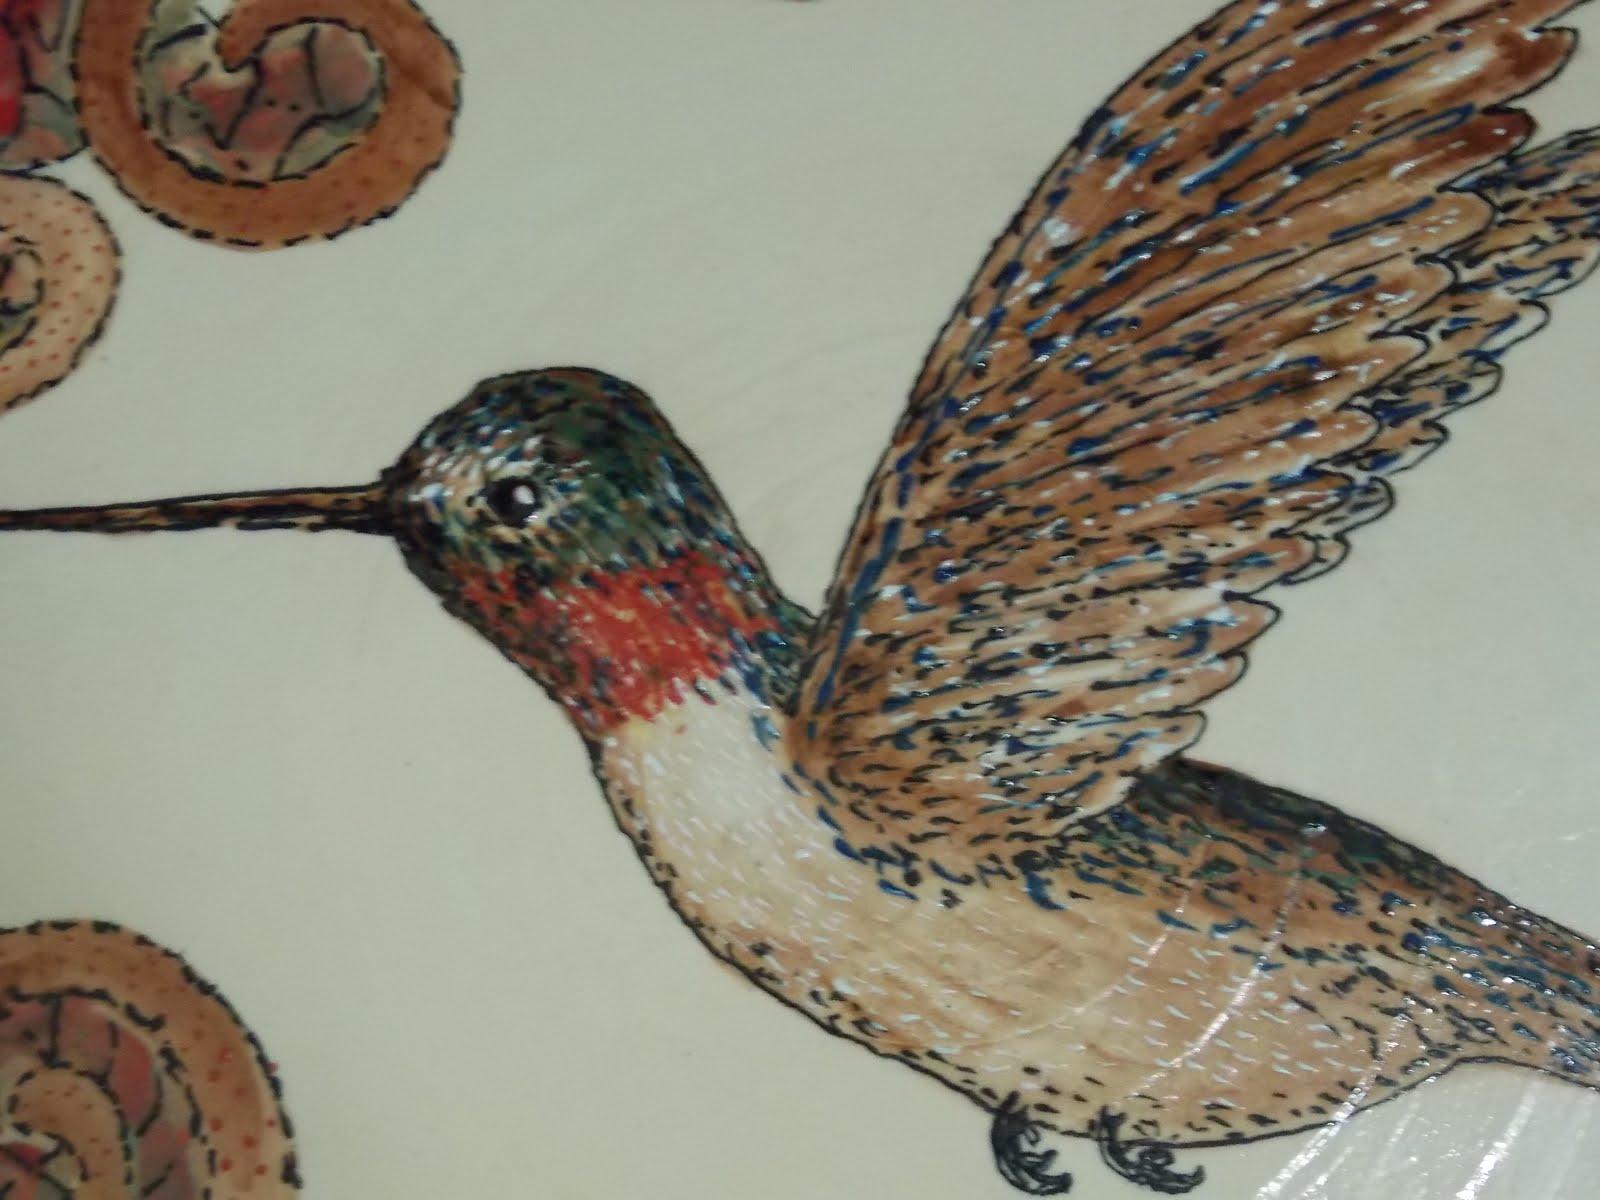 Humming bird detail